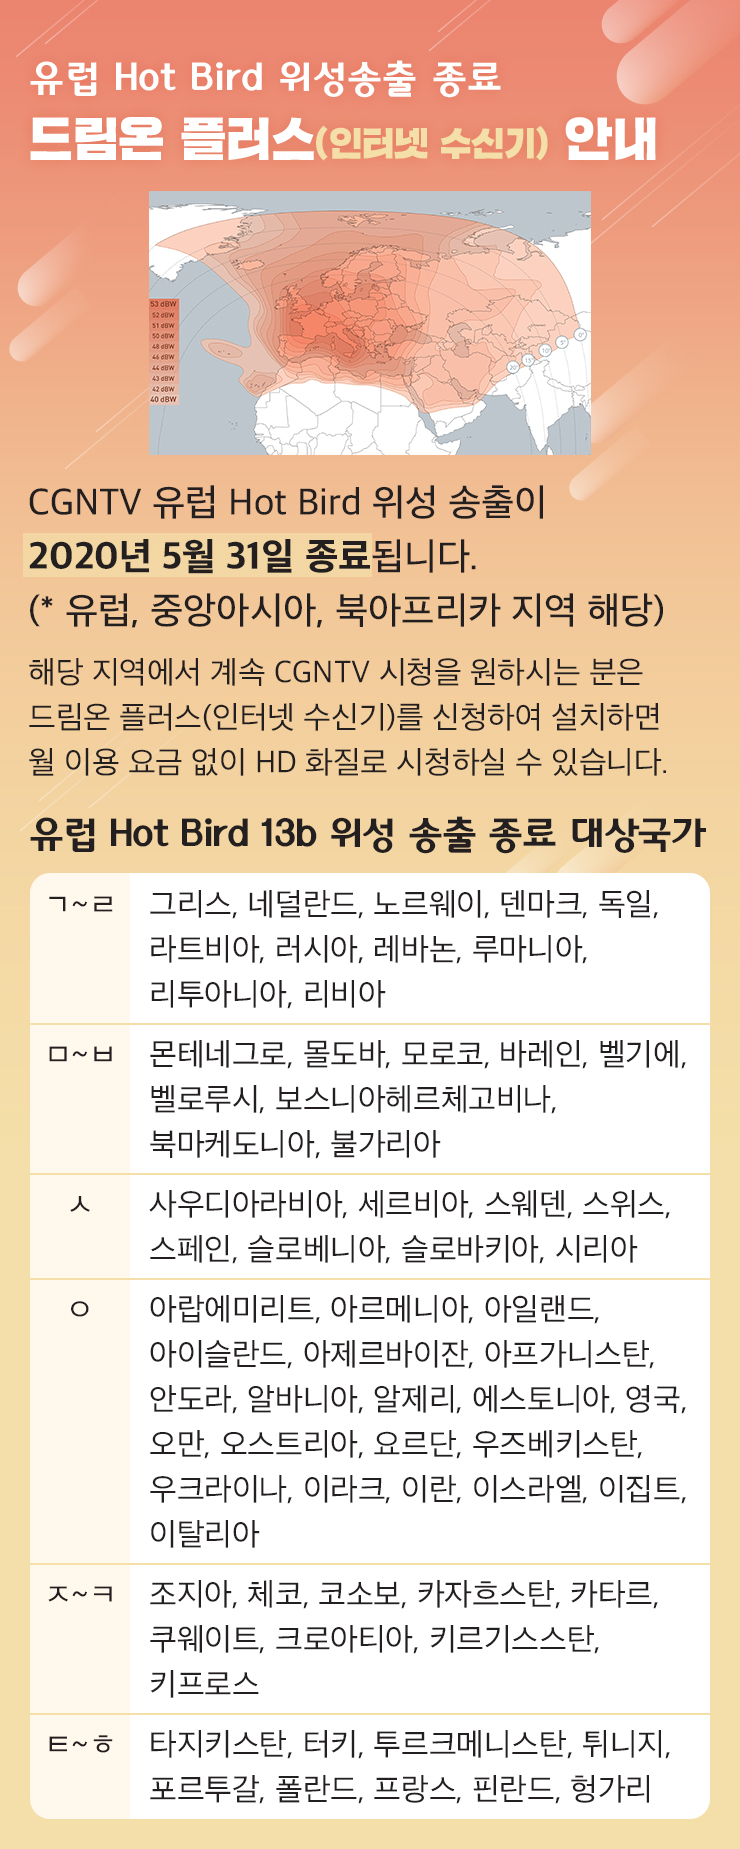 유럽 Hot Bird 위성송출 종료 - 드림온 플러스(인터넷 수신기) 안내